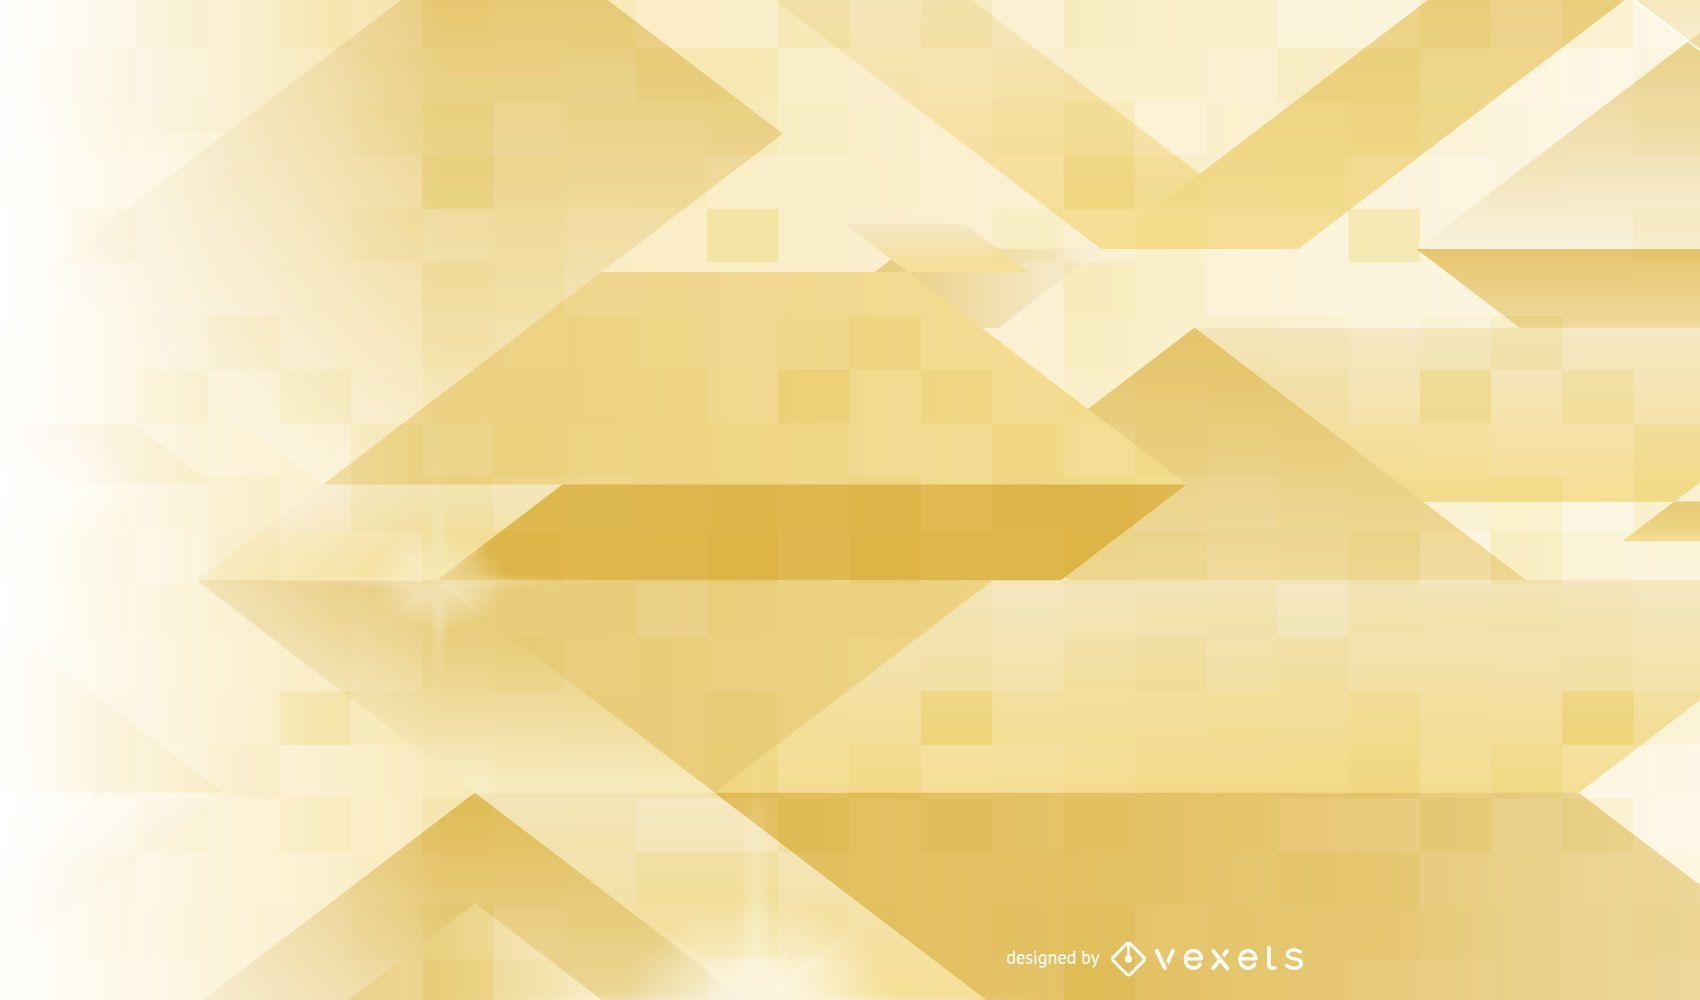 Abstrakte goldene Leinen-Textur-Einfügung zwischen Hintergrund